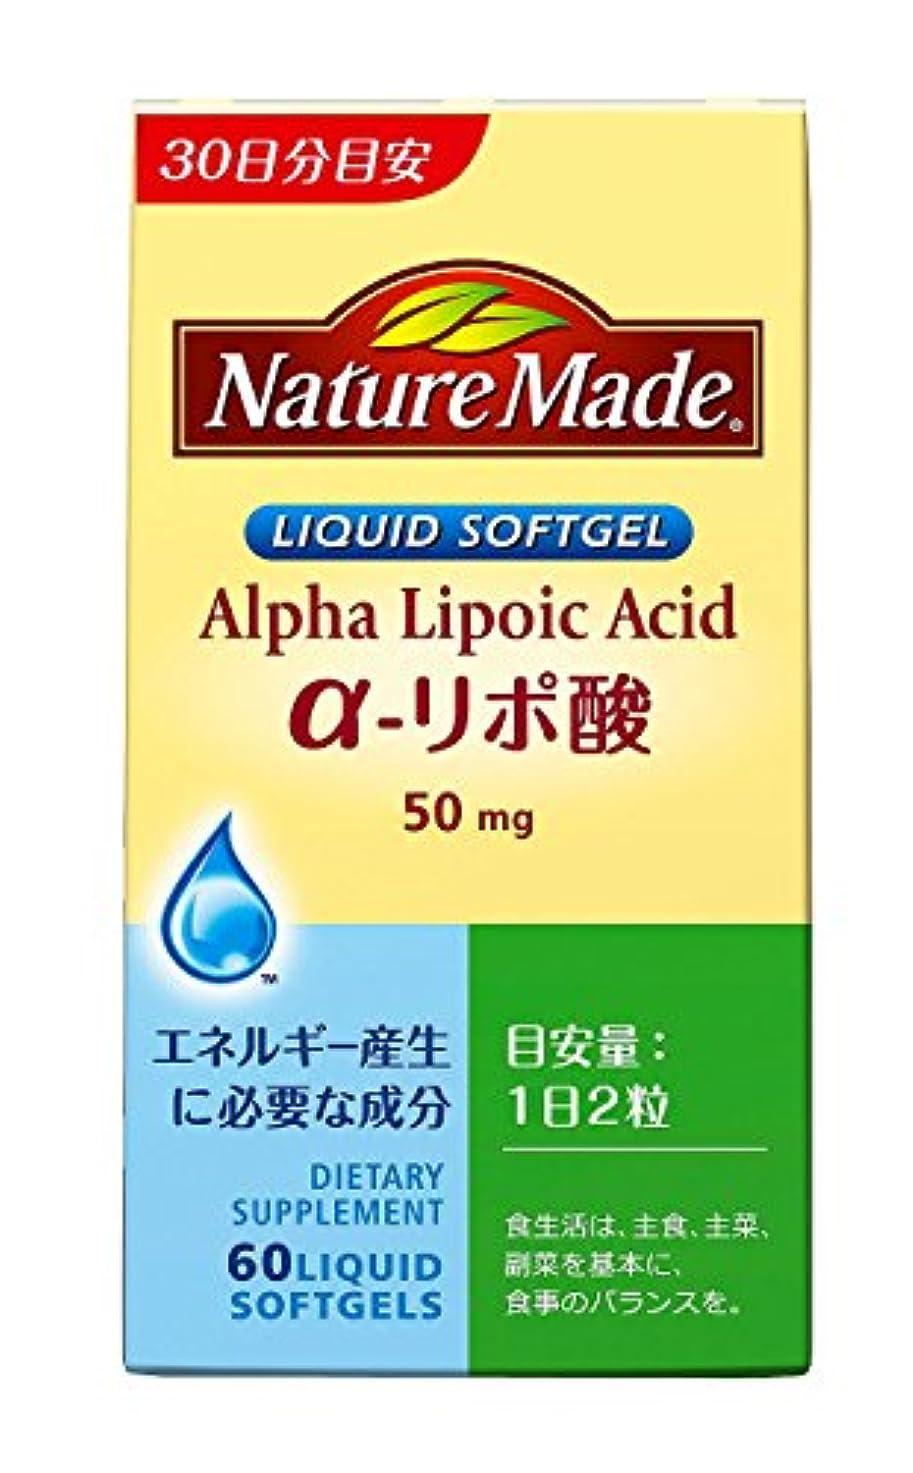 のぞき見消化器三角形大塚製薬 ネイチャーメイド α-リポ酸 60粒